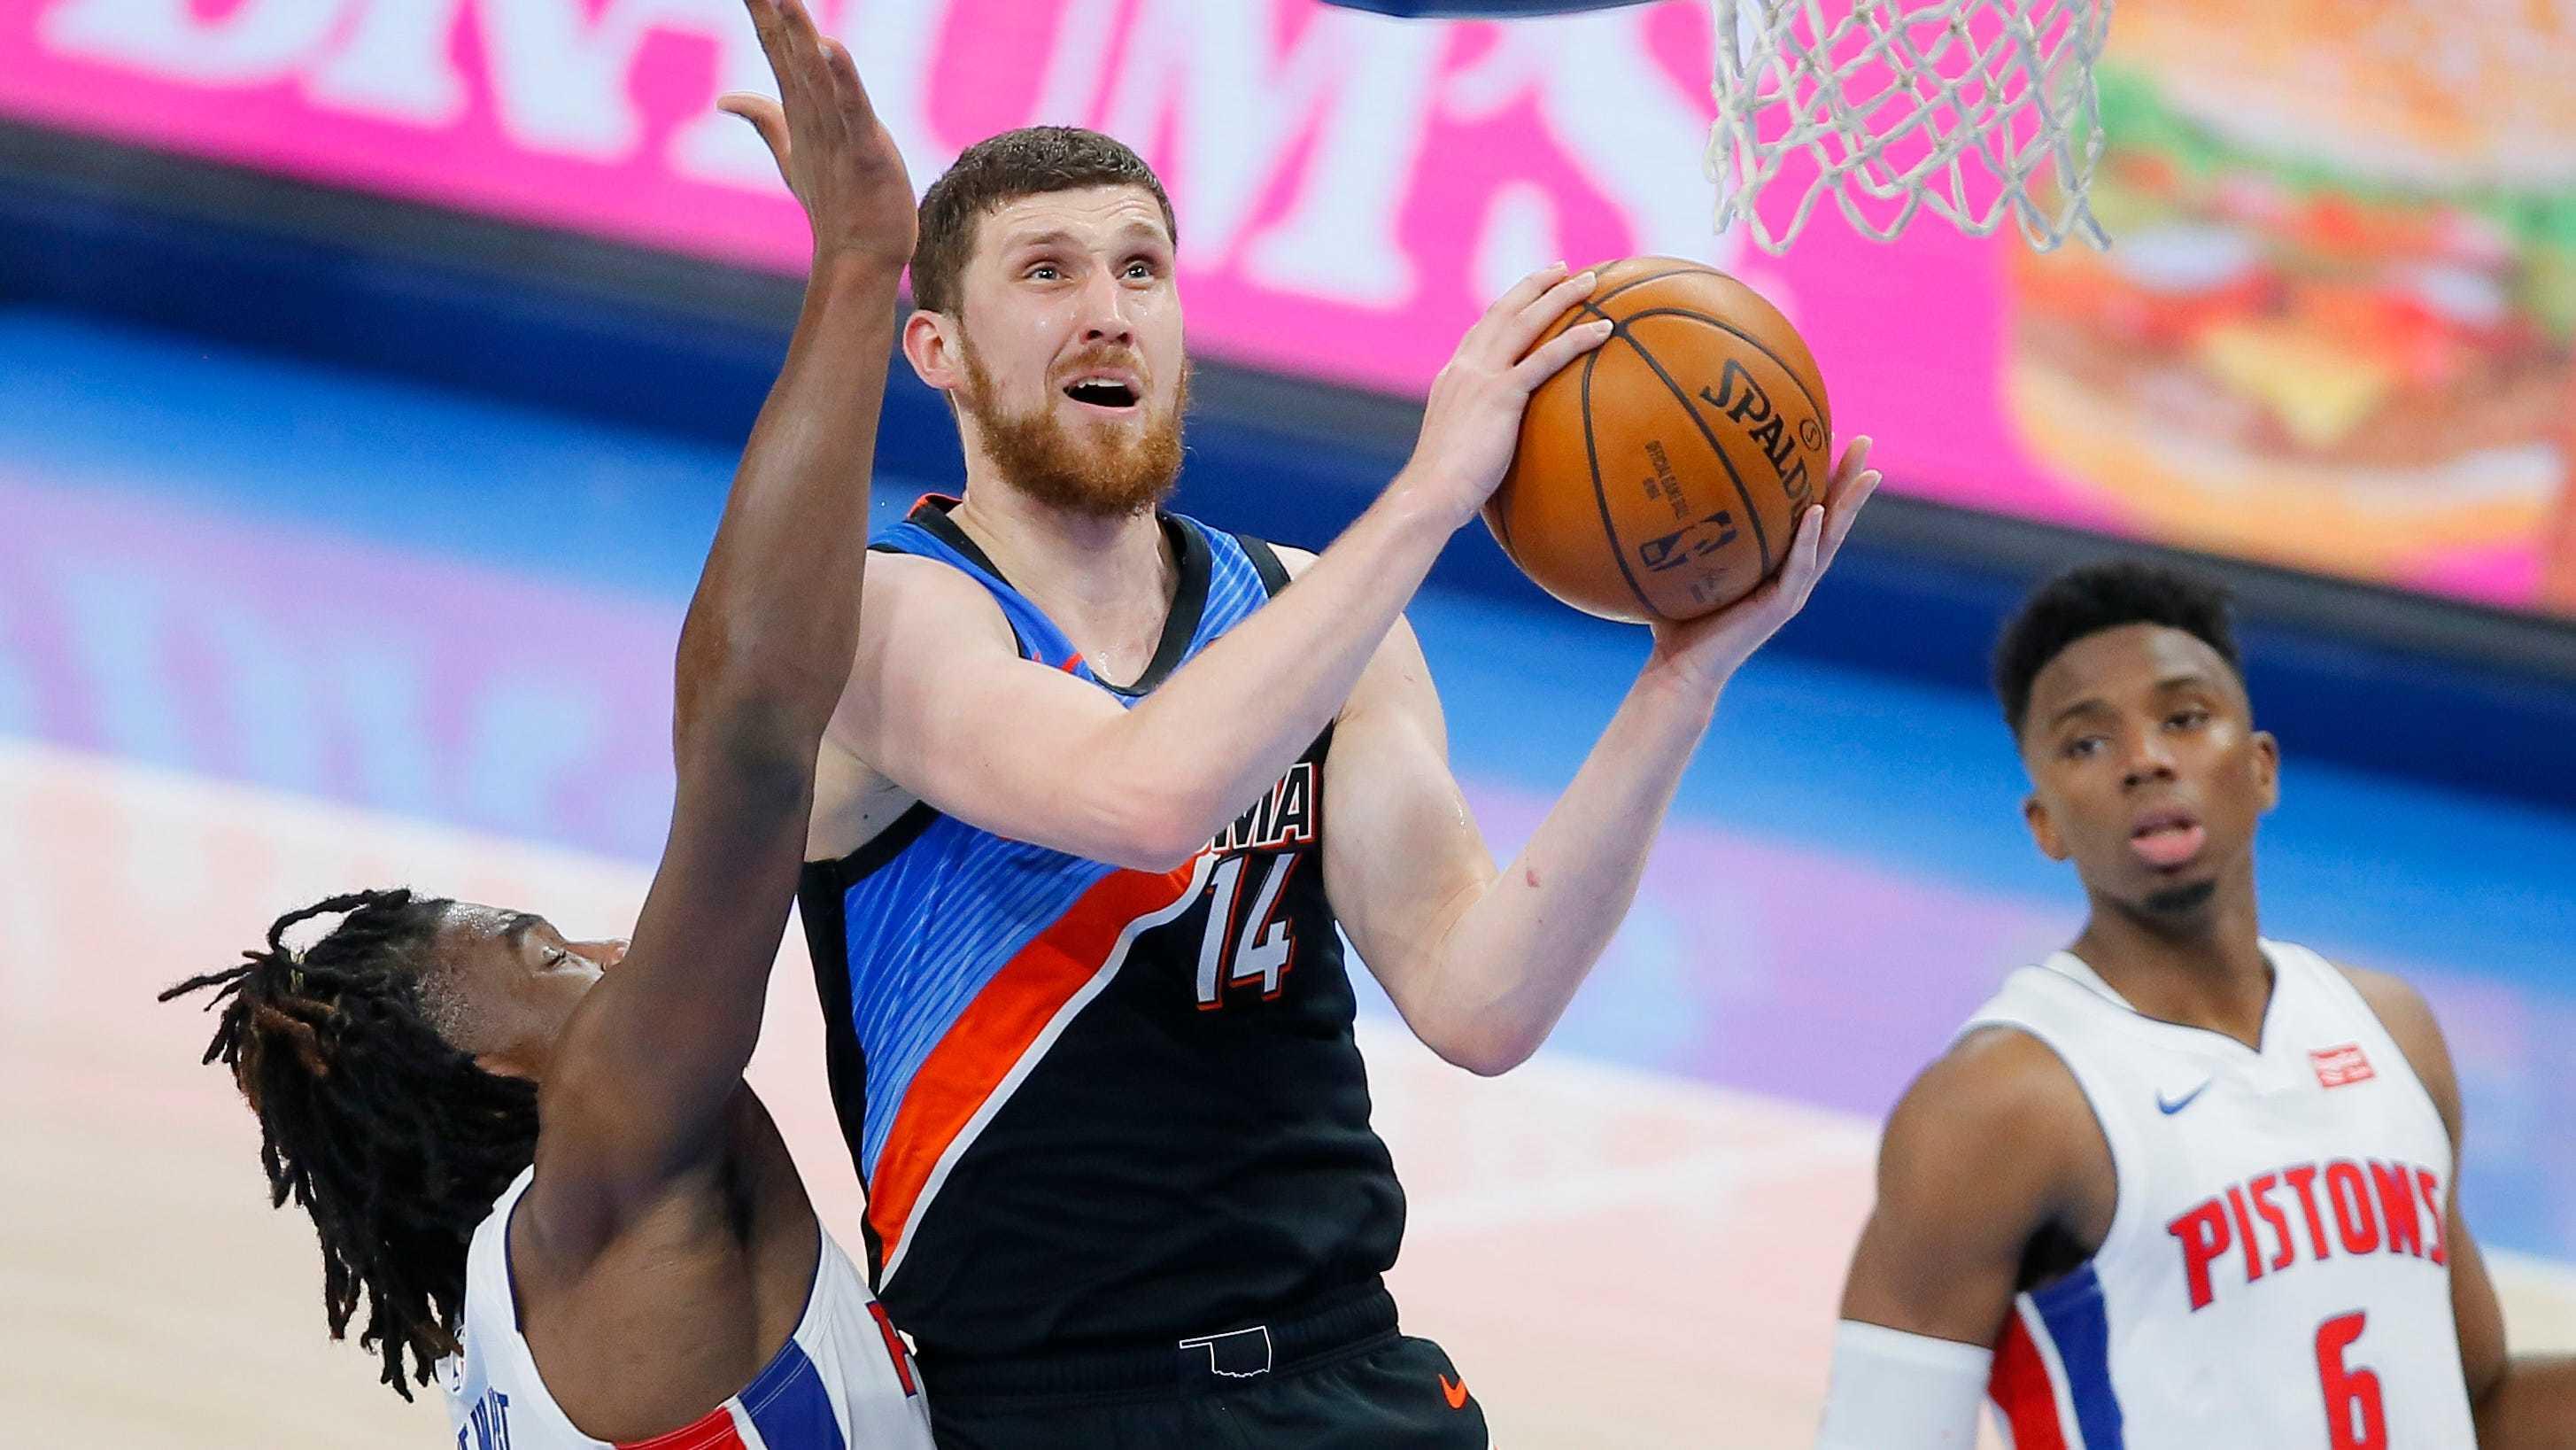 Святослав Михайлюк - п'ятий українець в історії, який набрав в НБА більше 1000 очок